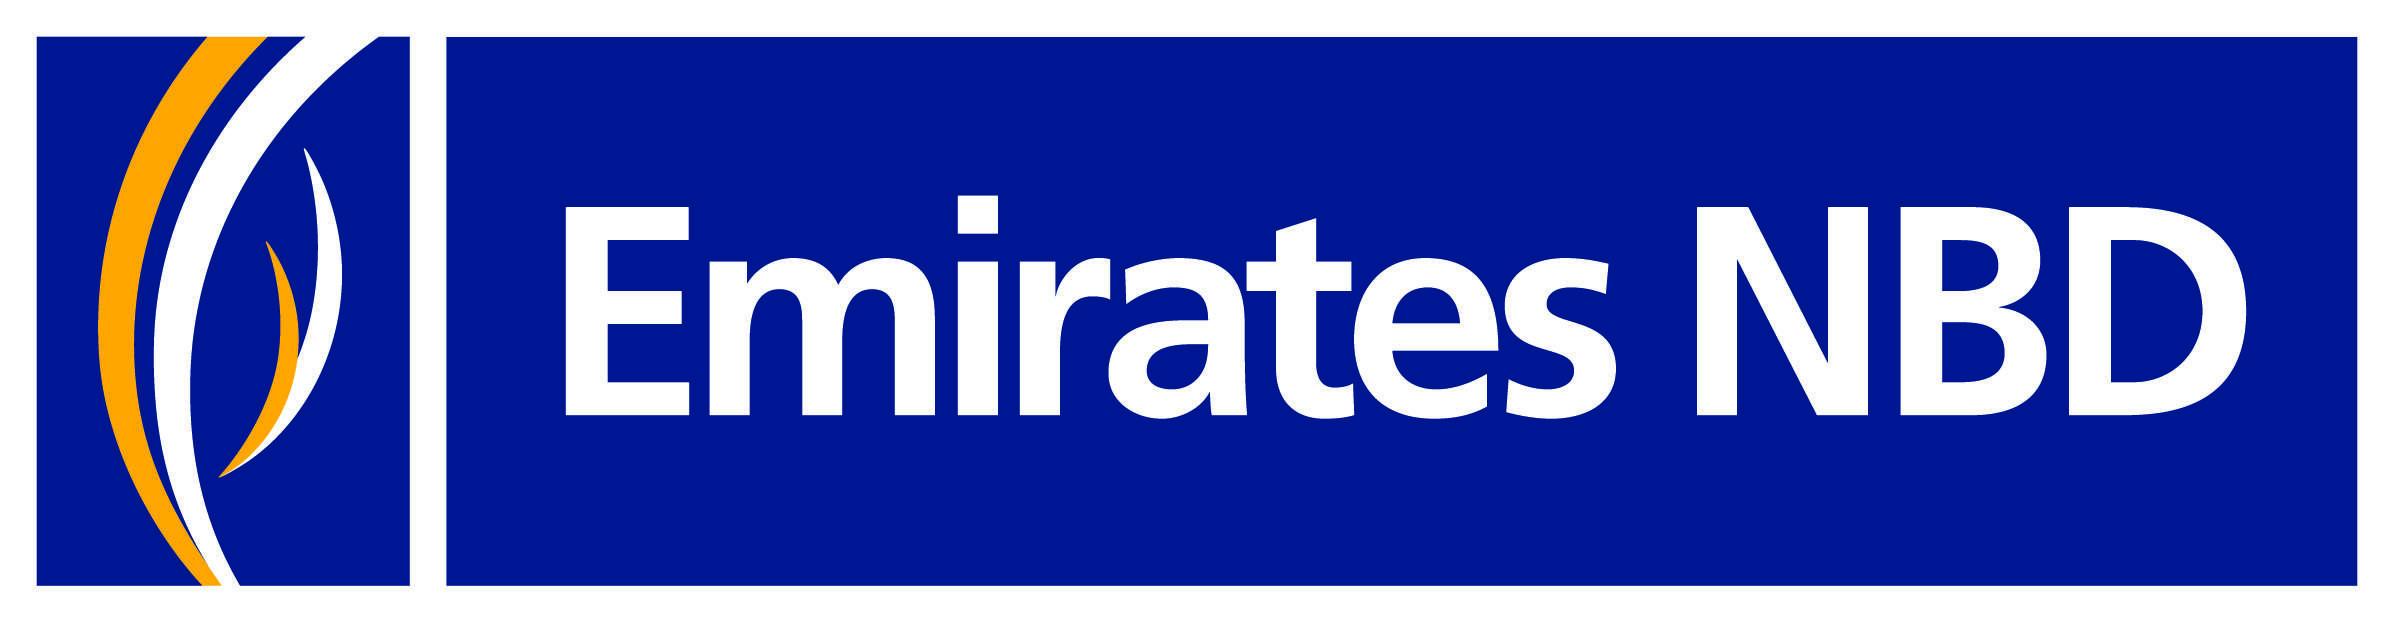 Emirates NBD_Masterbrand_4c